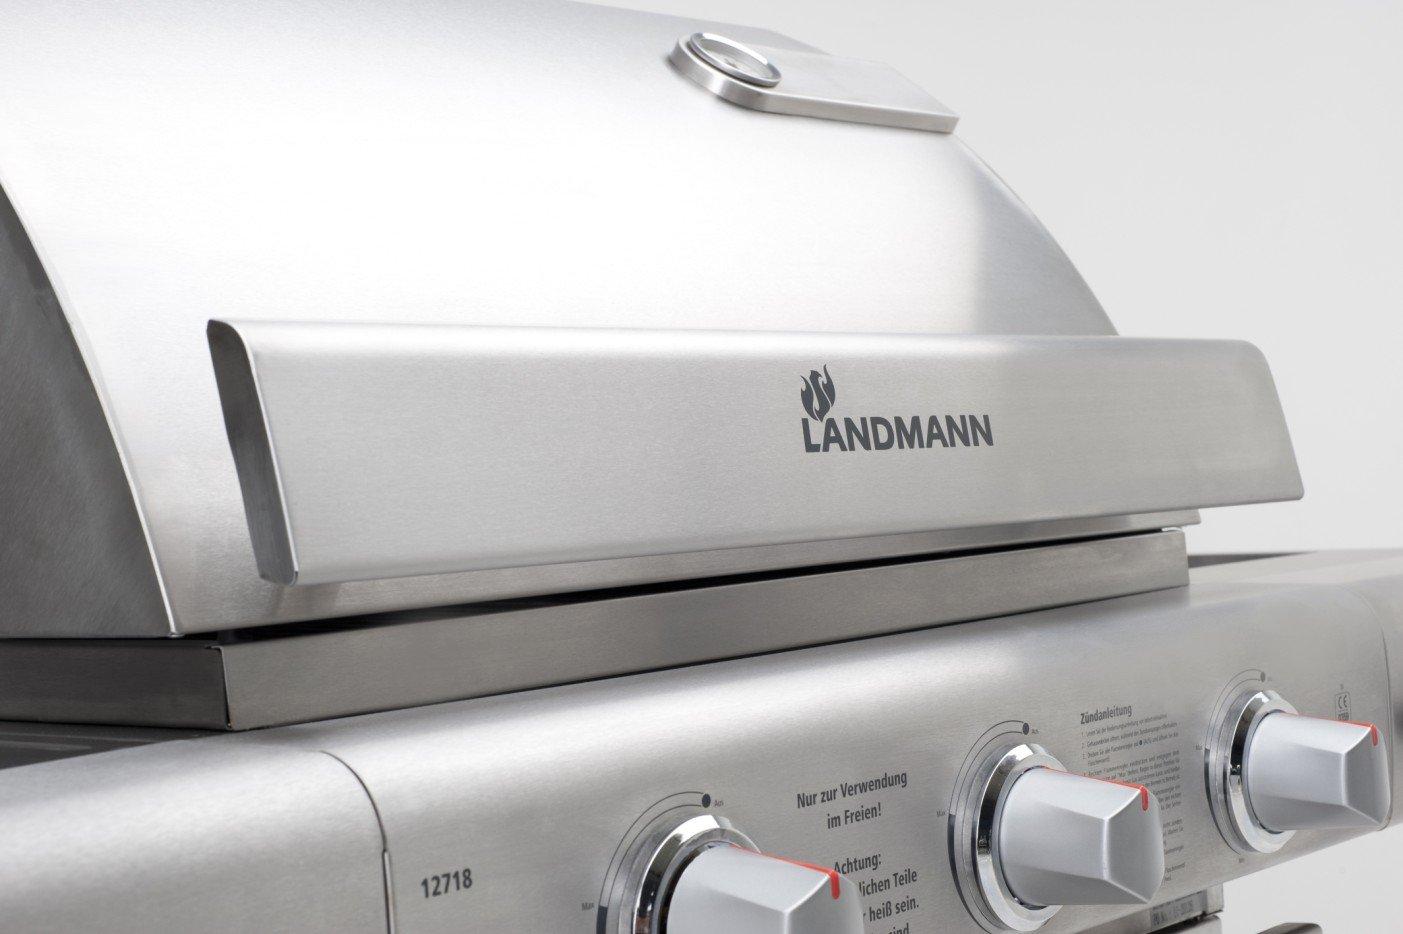 Landmann Gasgrill Grillchef : Landmann angebote von lidl